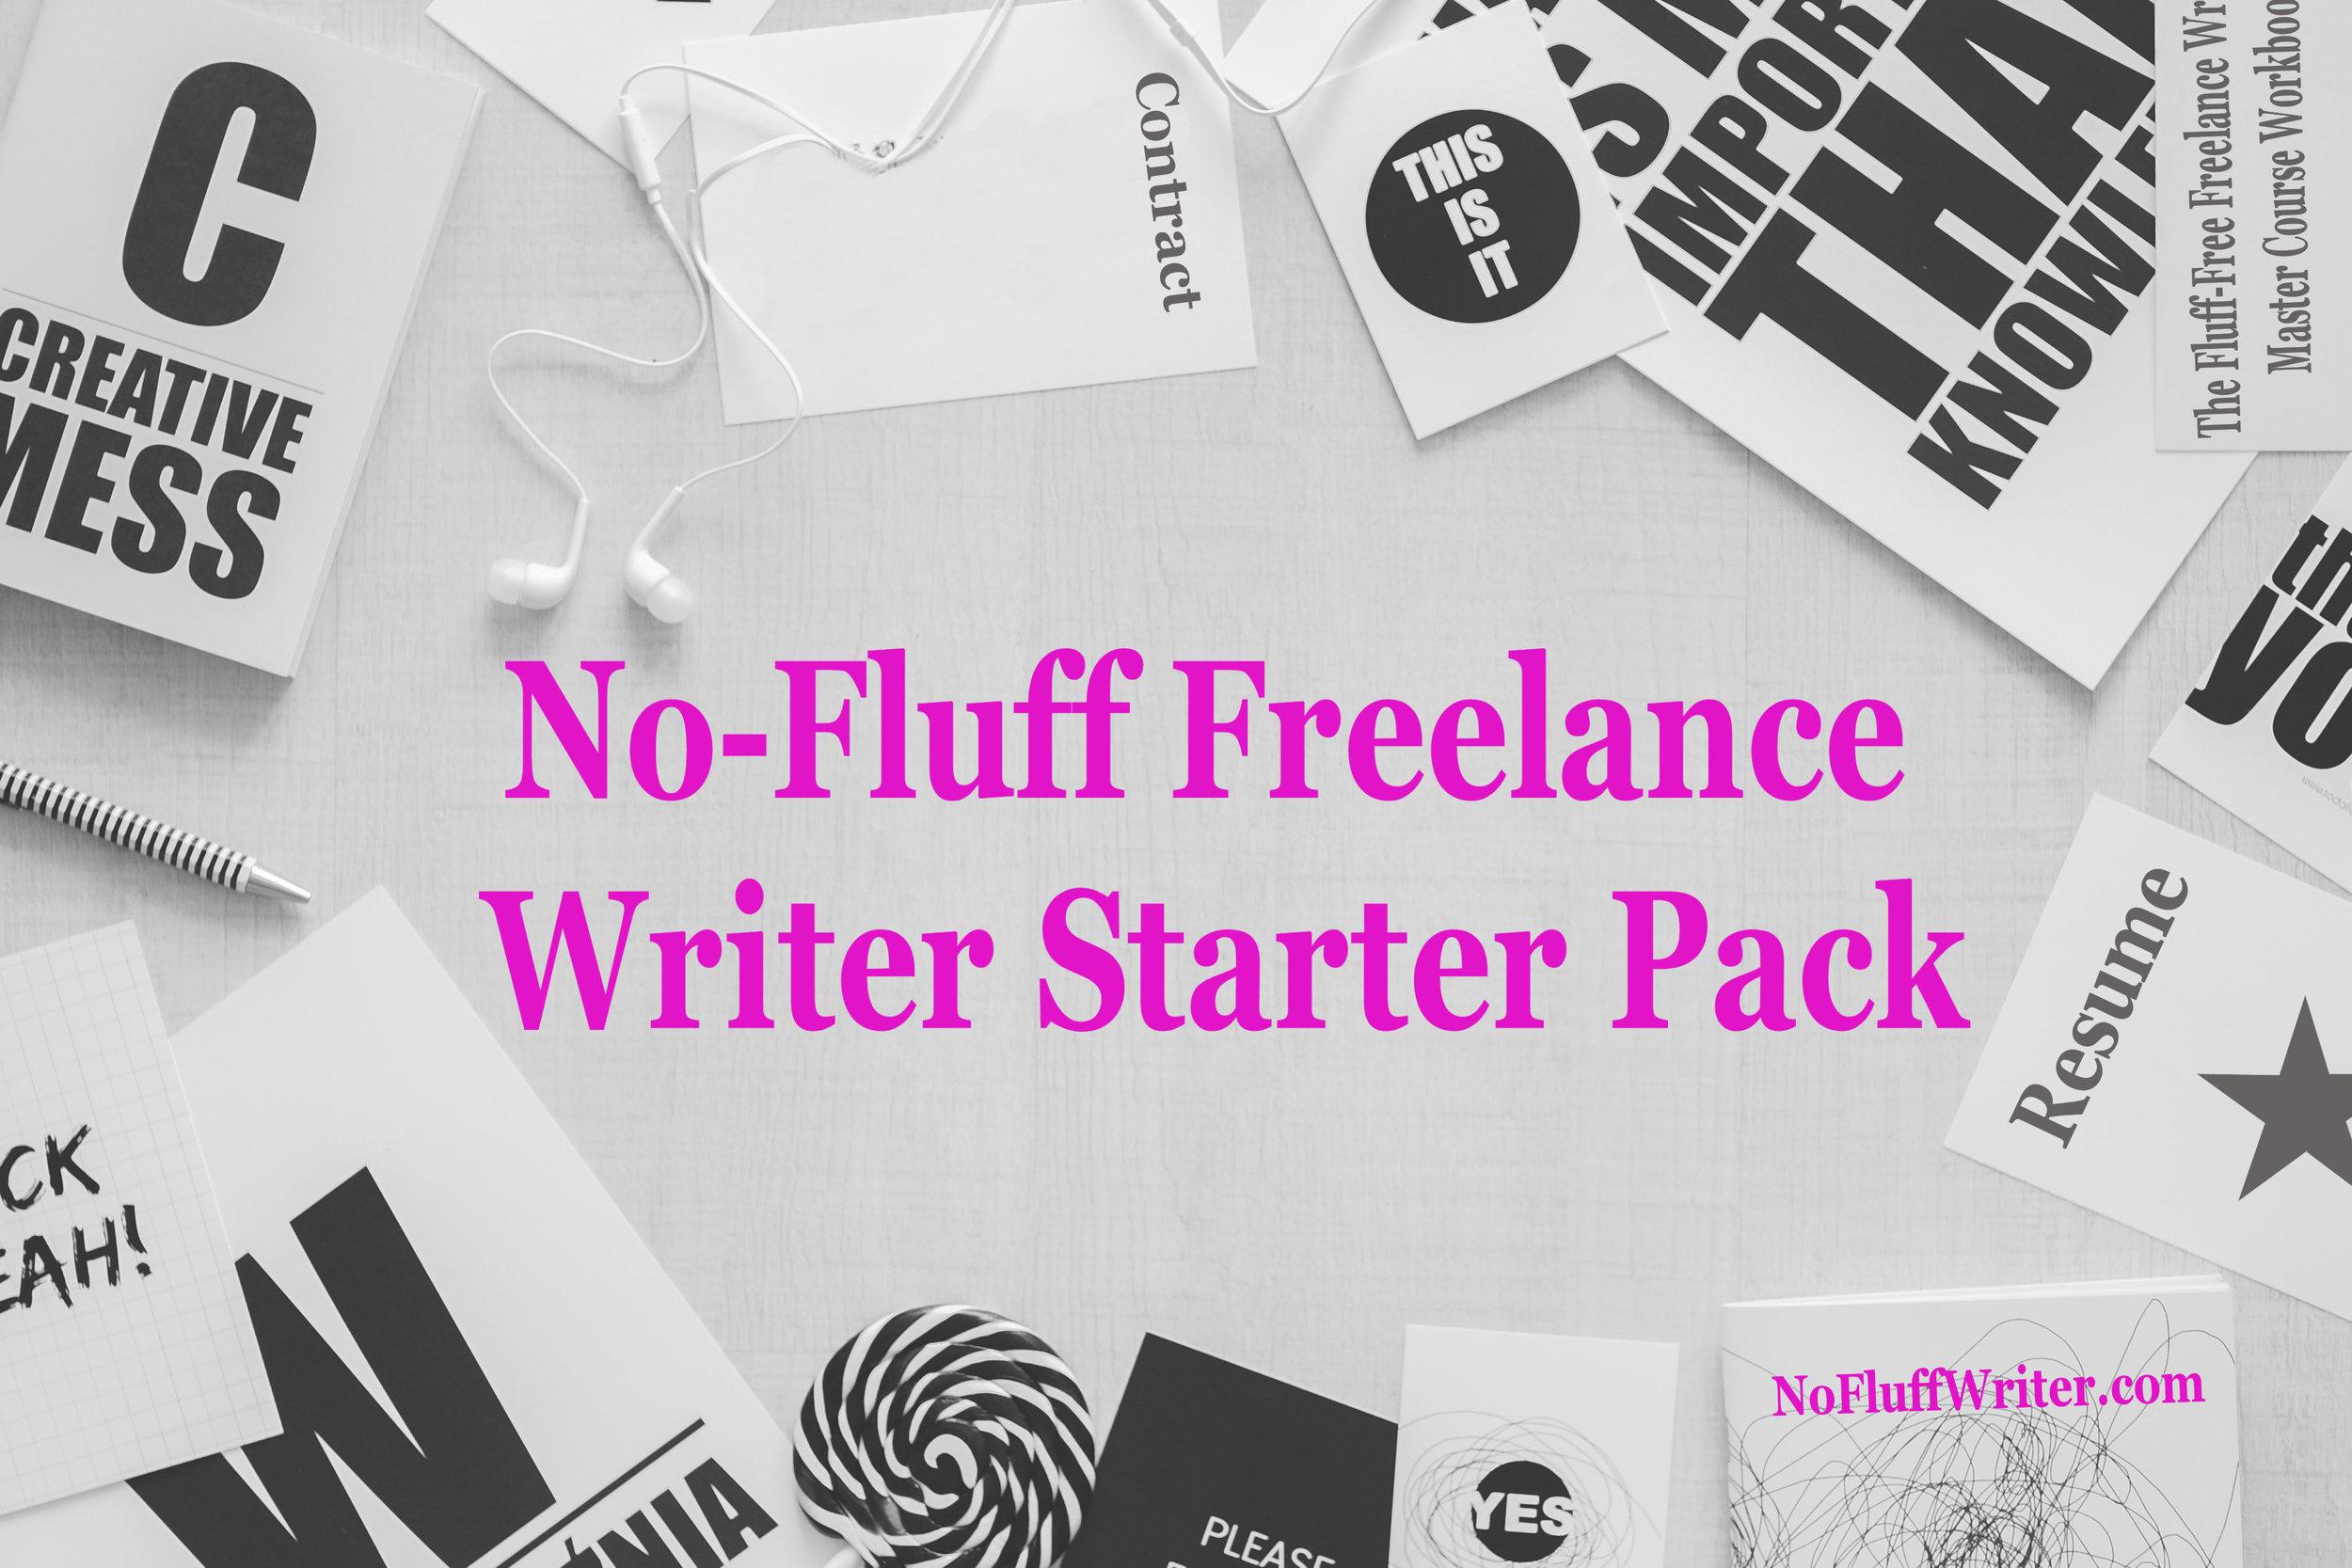 No-Fluff Freelance Writer Starter Pack.jpg